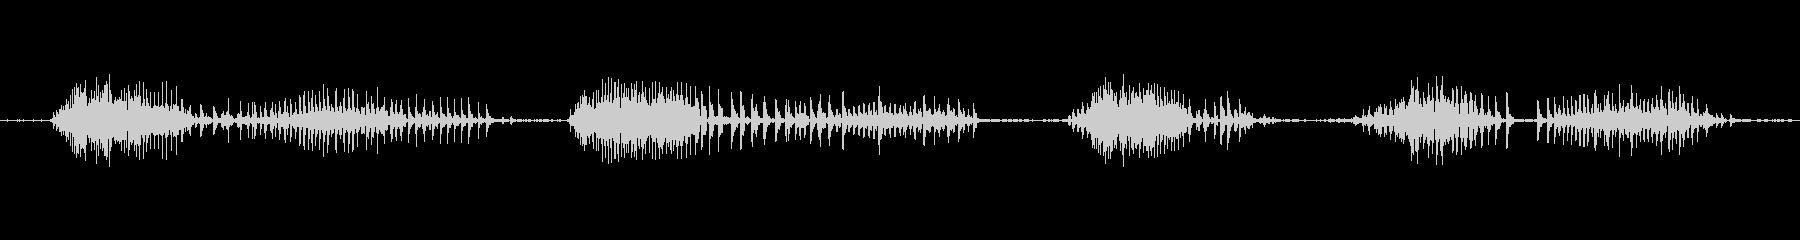 ヴーヴーヴーヴーヴーヴーの未再生の波形